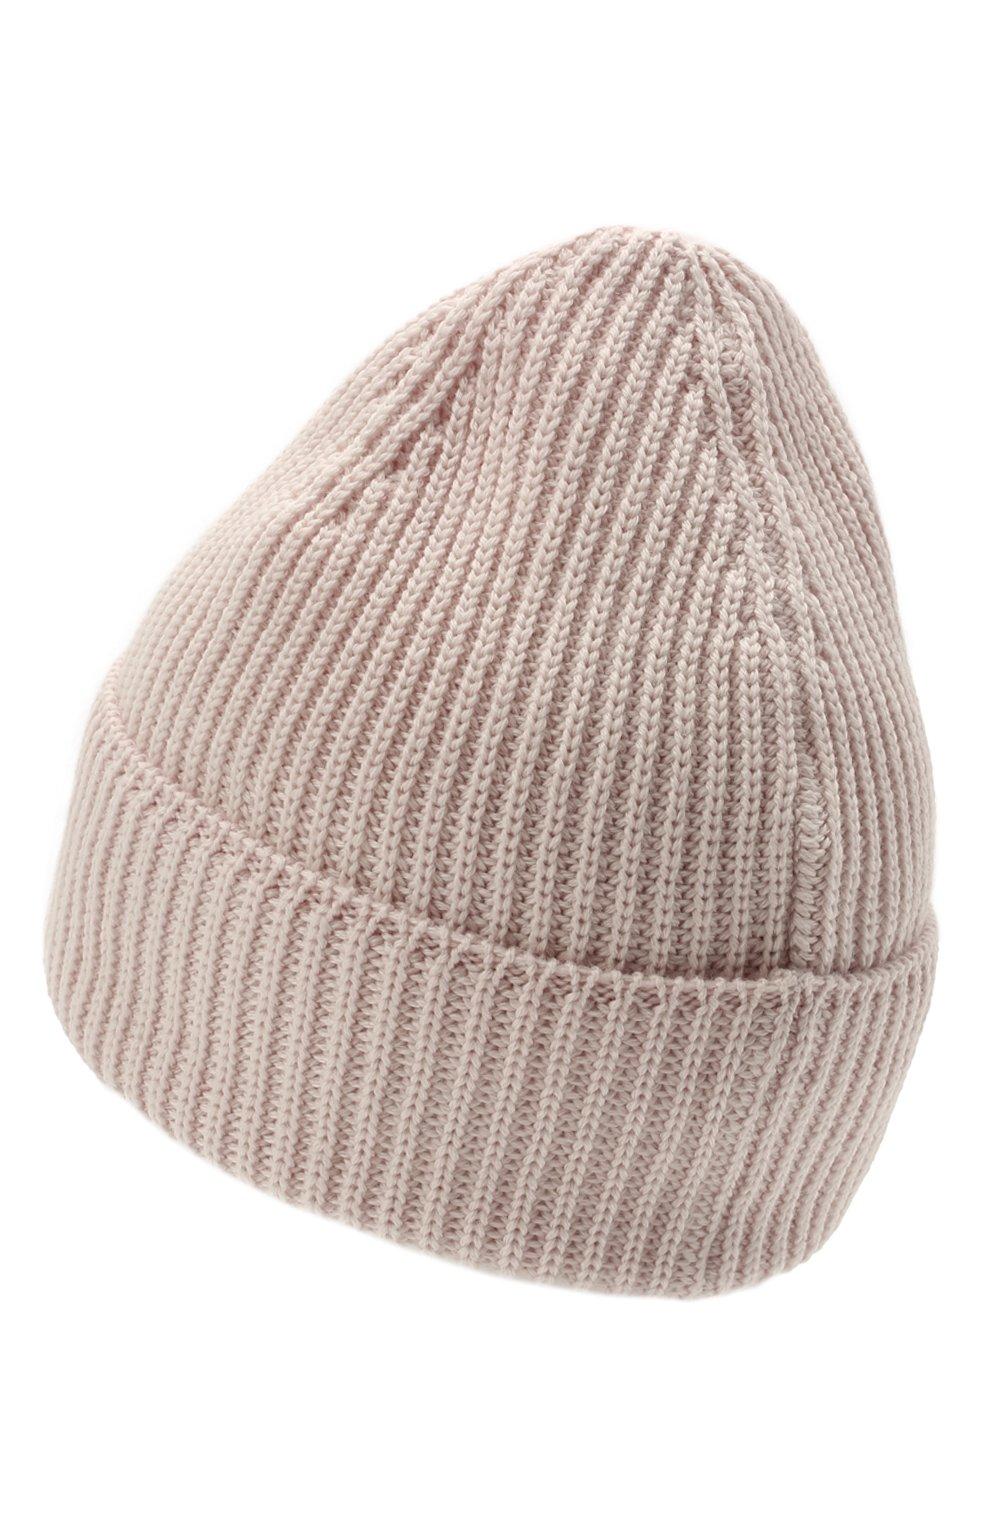 Мужская шерстяная шапка C.P. COMPANY светло-розового цвета, арт. 11CMAC121A-005509A | Фото 2 (Материал: Шерсть; Кросс-КТ: Трикотаж)